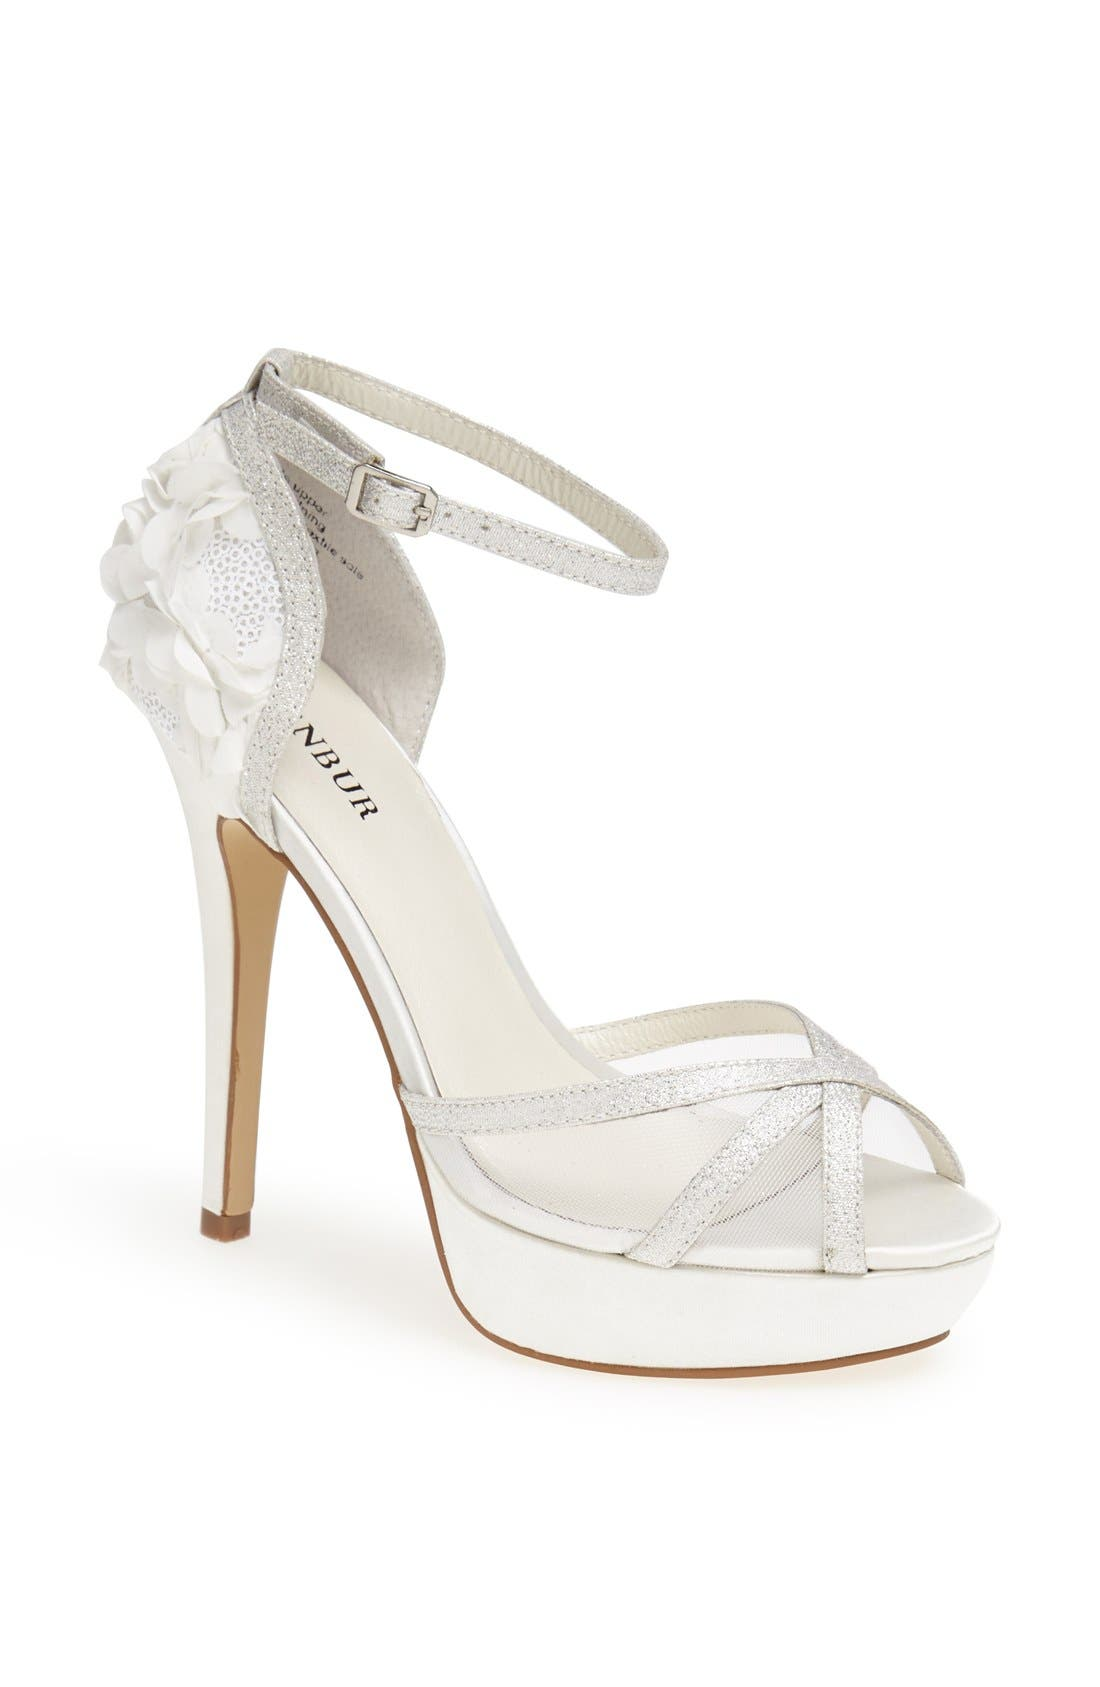 Alternate Image 1 Selected - Menbur 'Iria' Satin Sandal